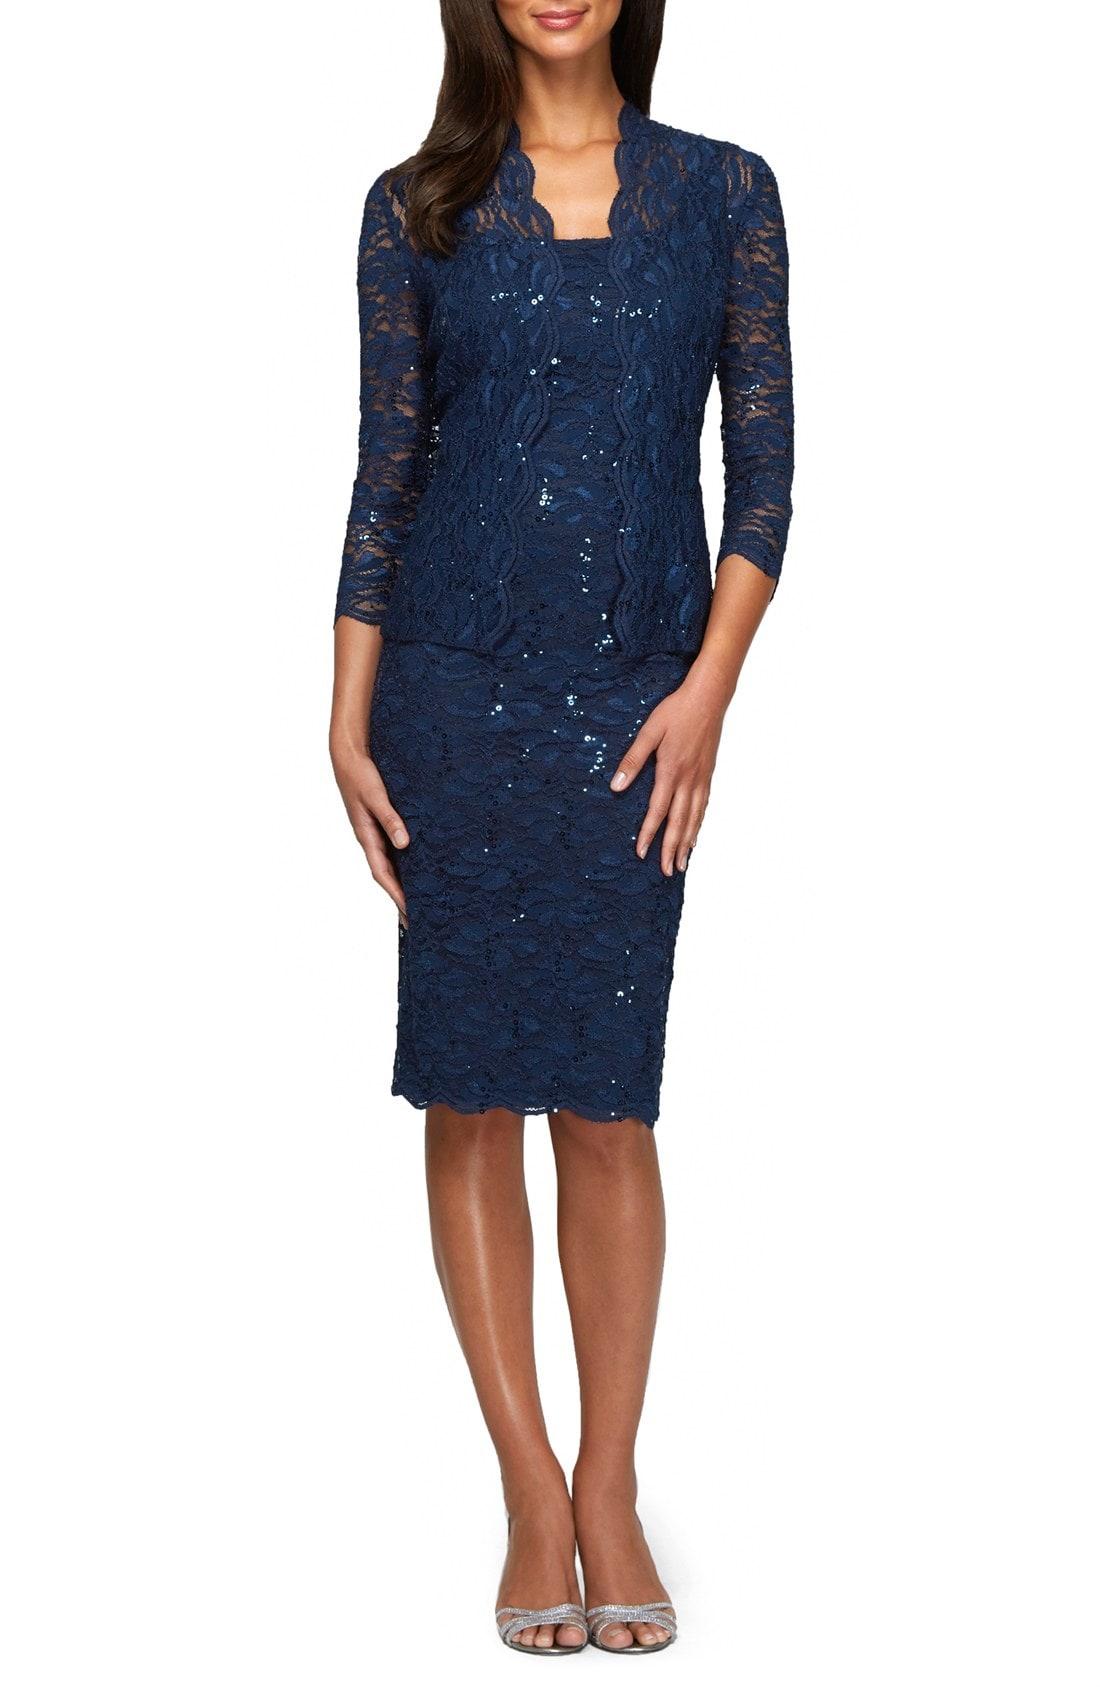 JACKET DRESSES | Nordstrom